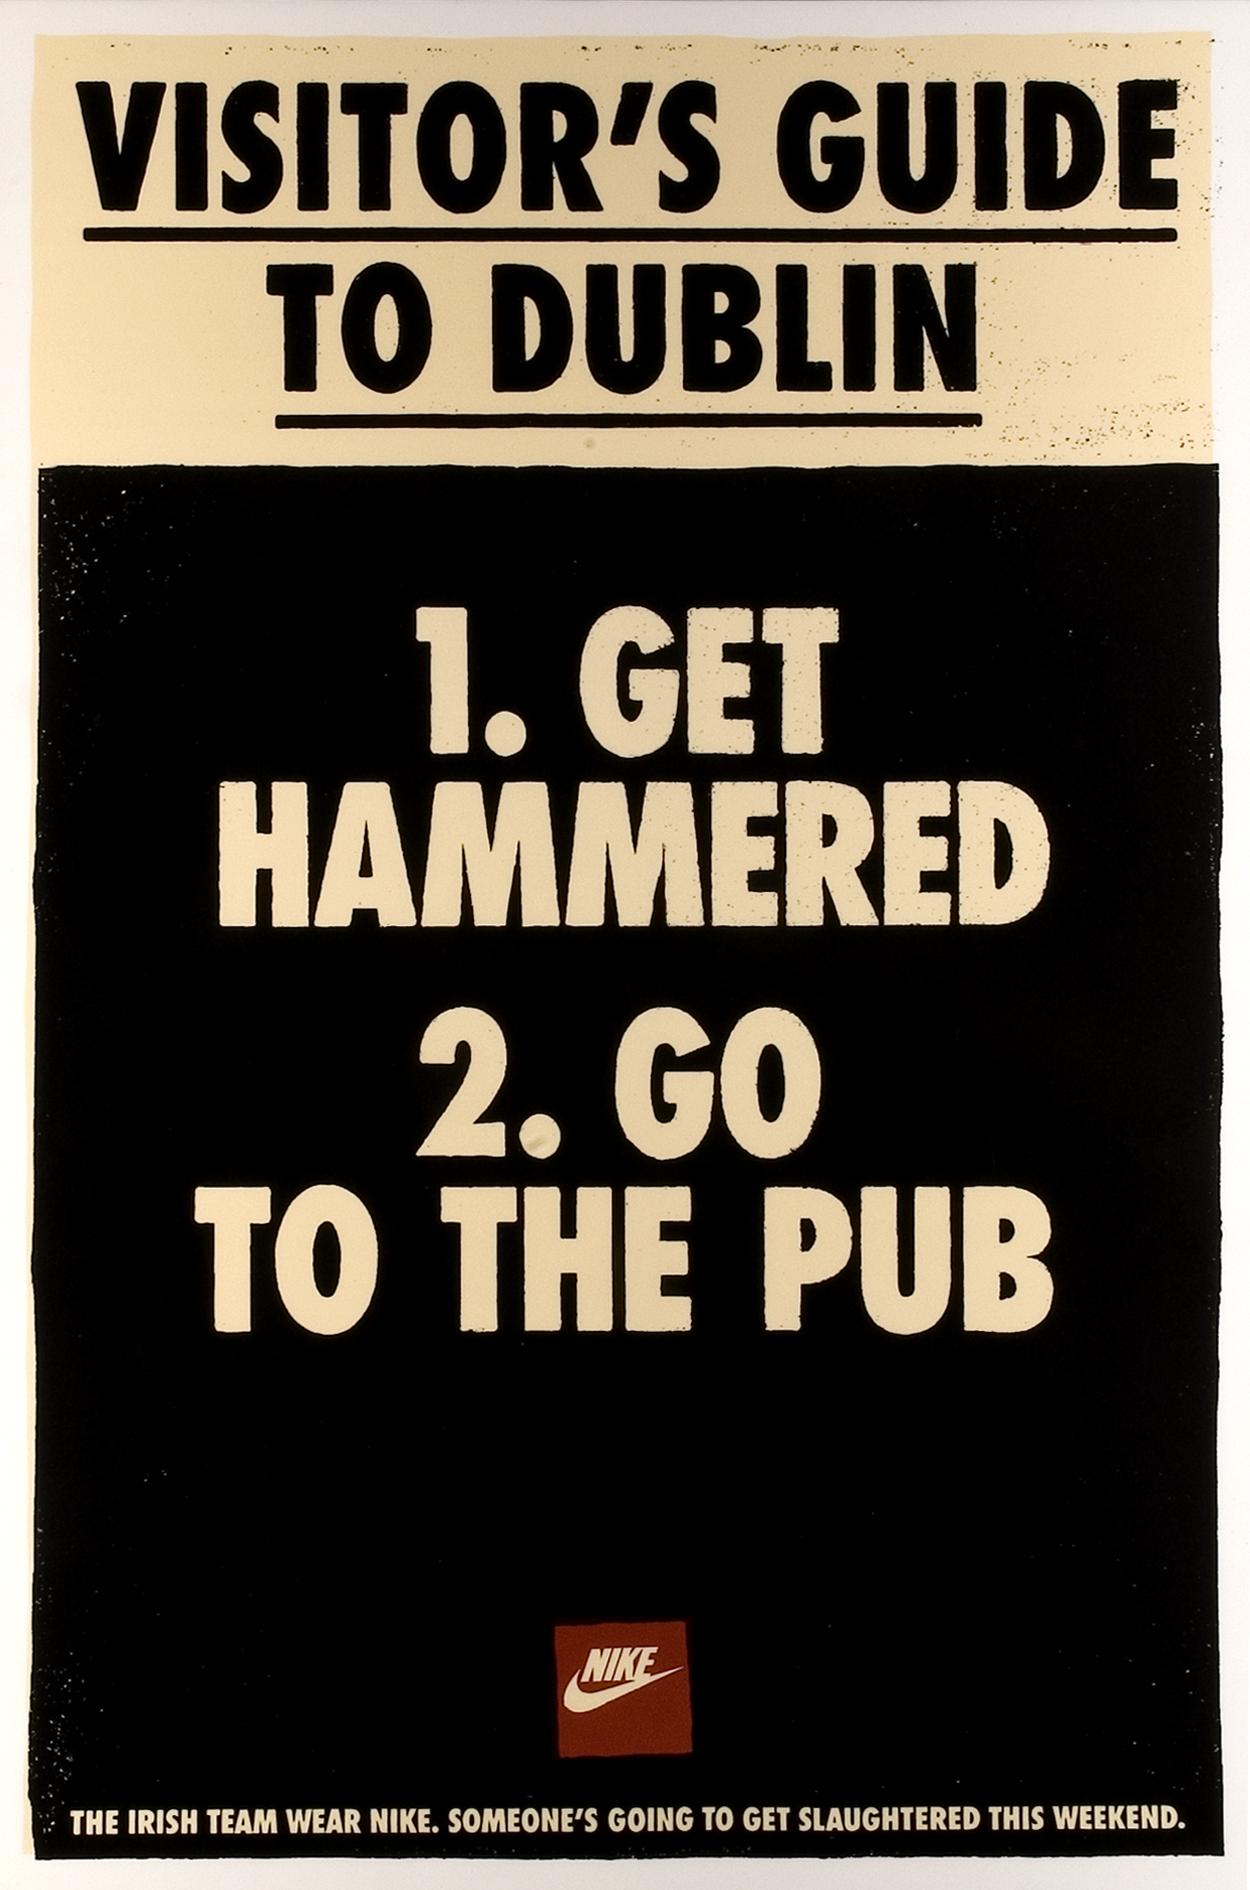 NIKE_Guide_To_Dublin